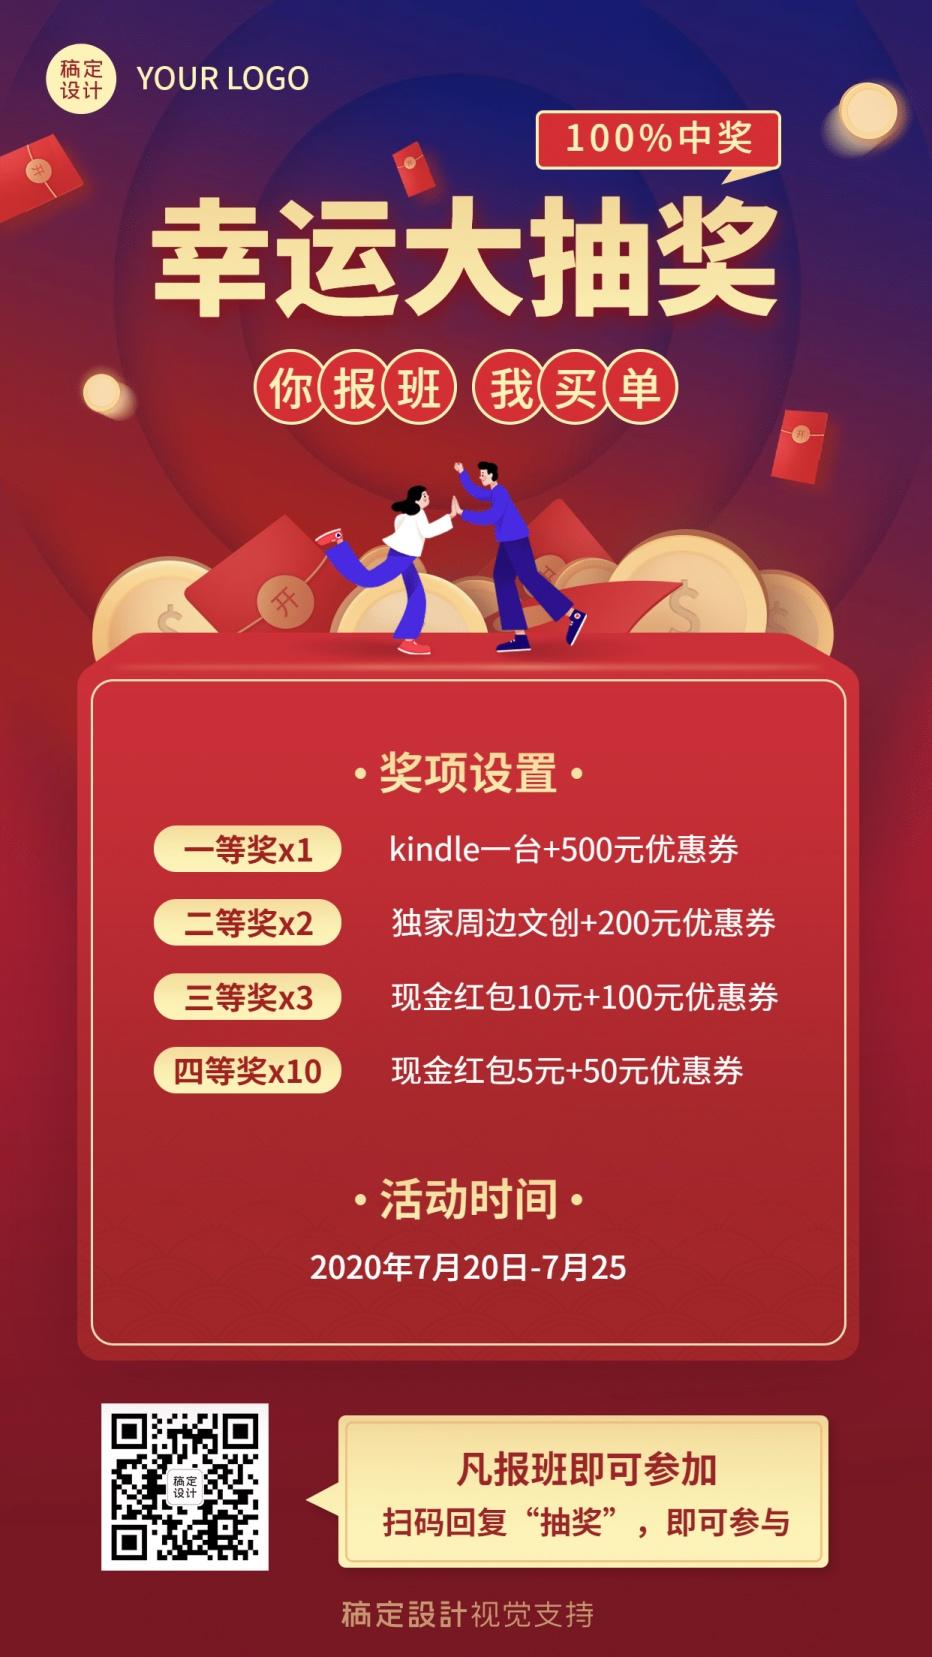 教育机构周年庆社群抽奖海报